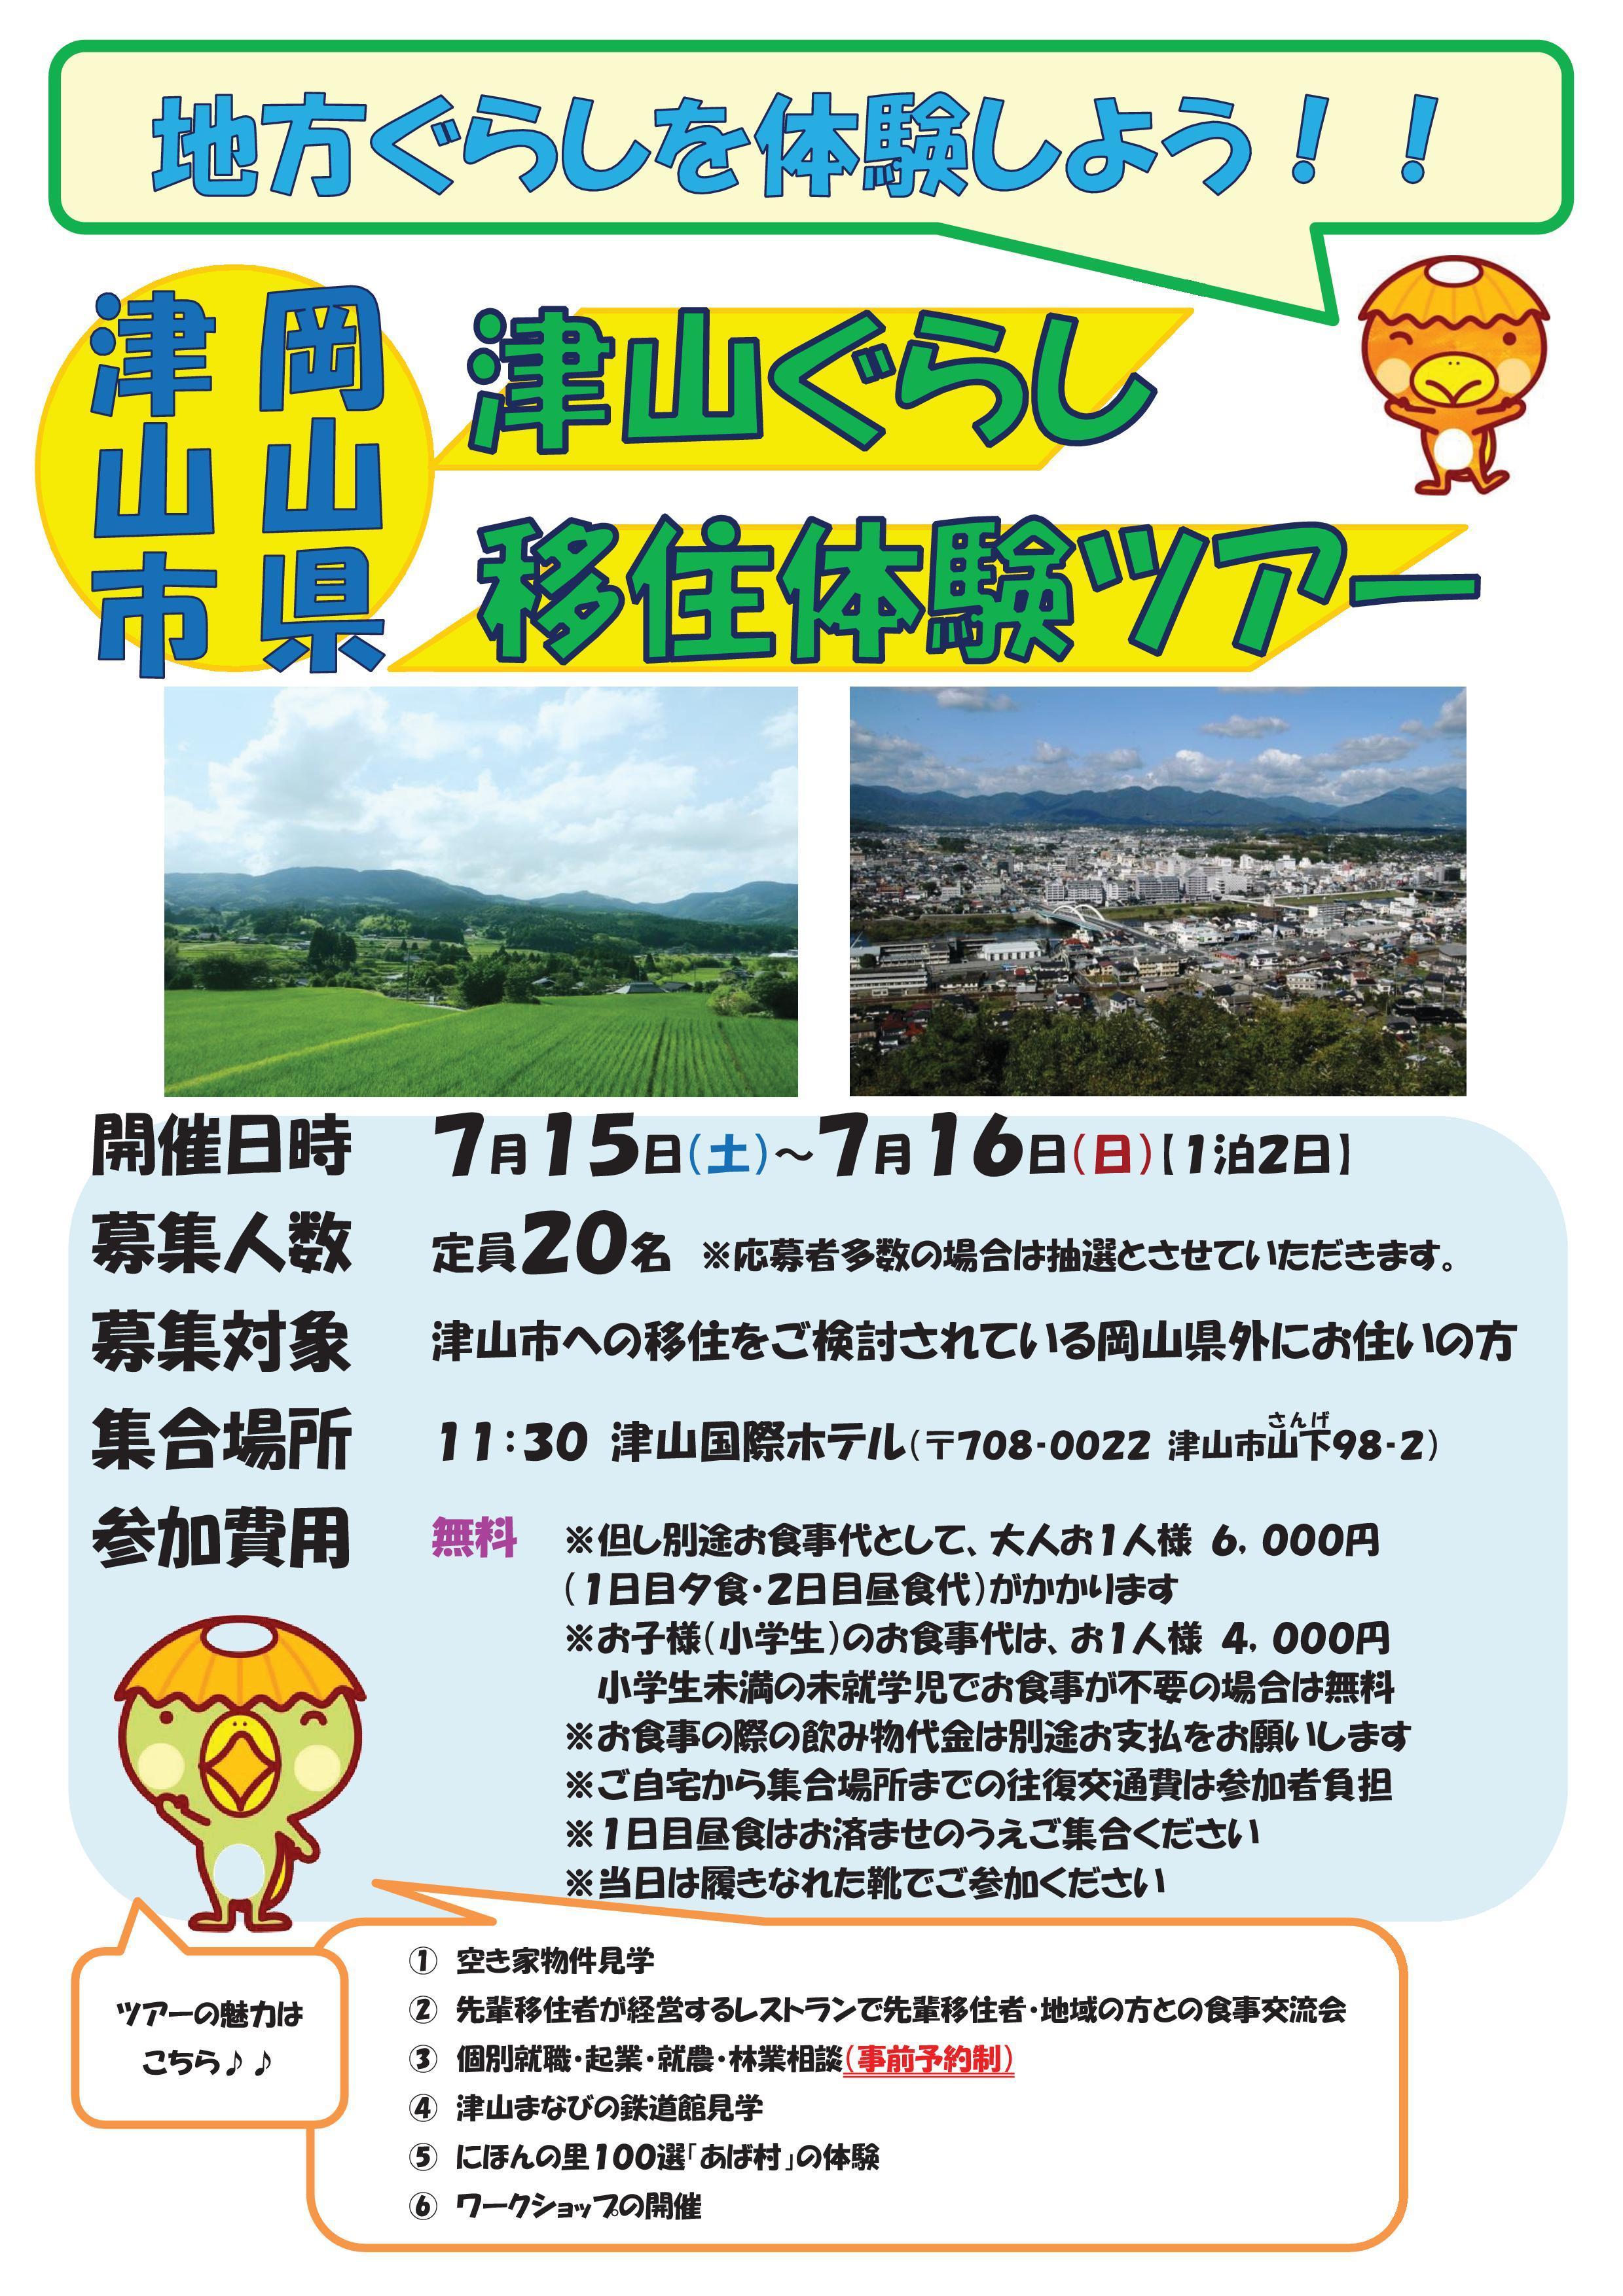 2017年7月15日(土)~7月16日(日) 津山ぐらし移住体験ツアー開催のお知らせ